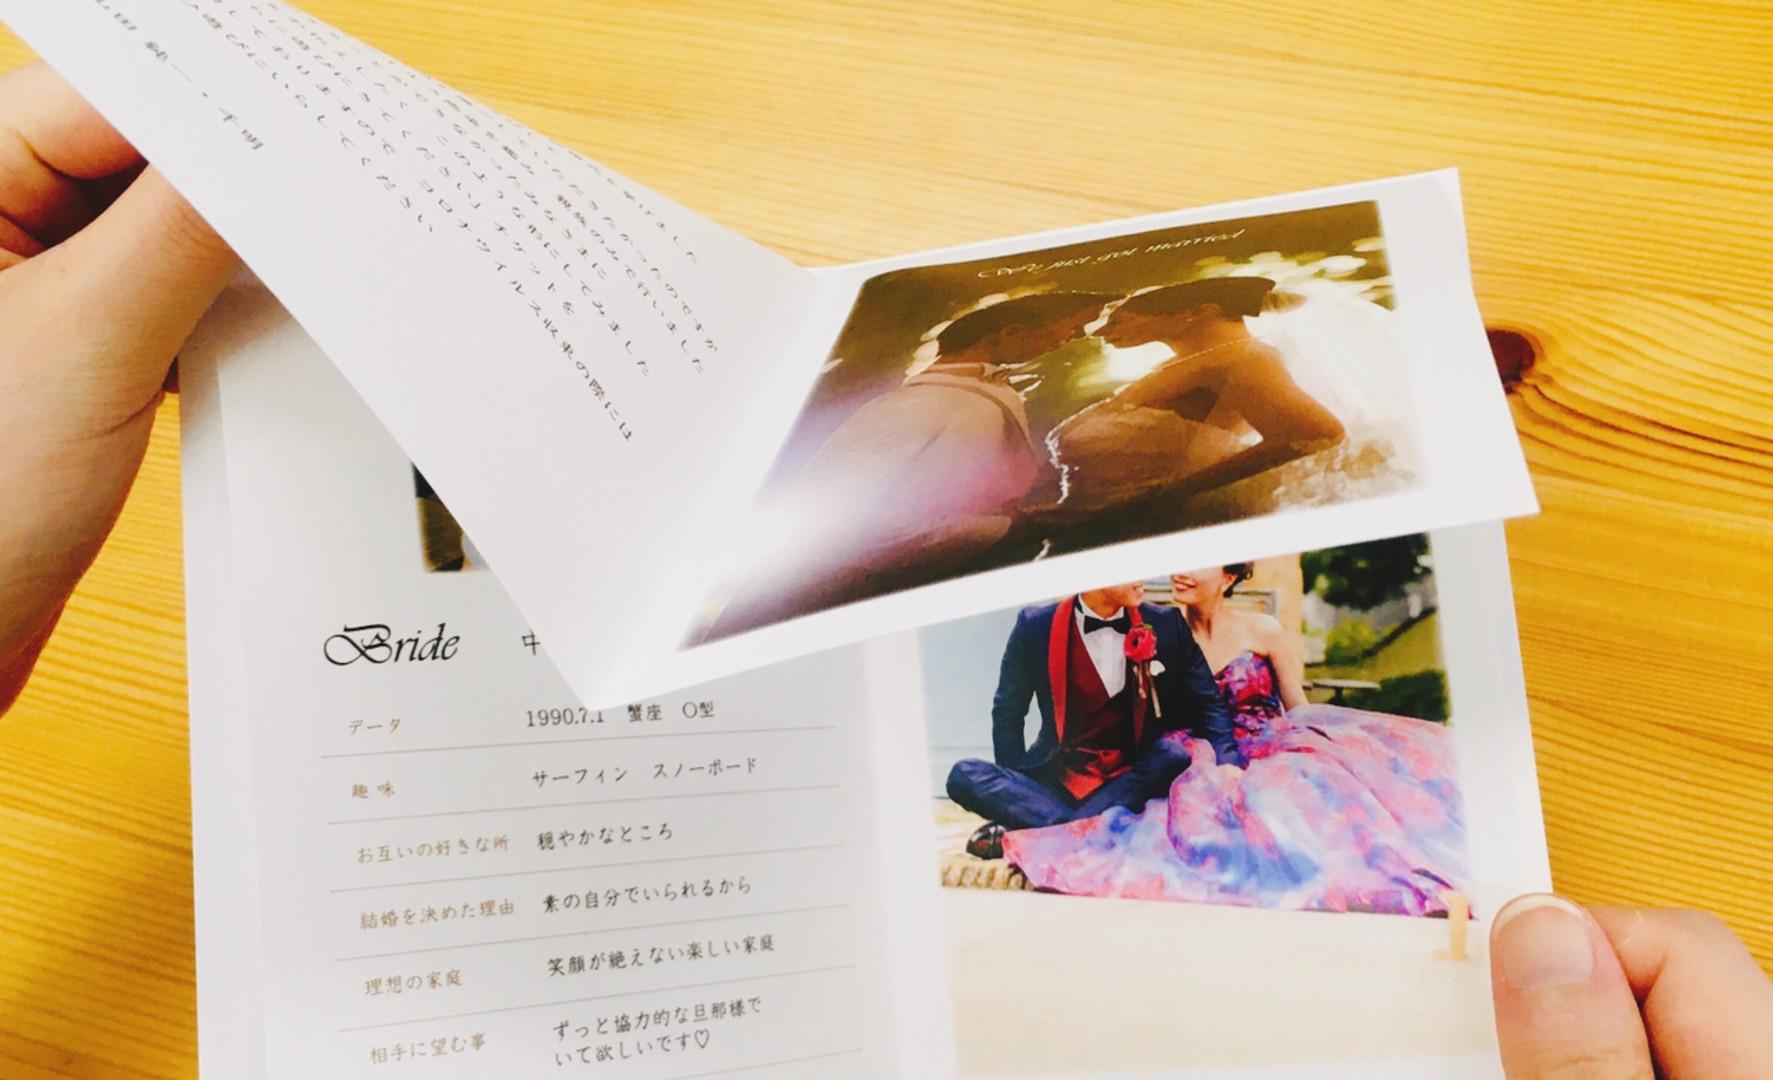 手持ち Just married デザイン8-A-4.jpg